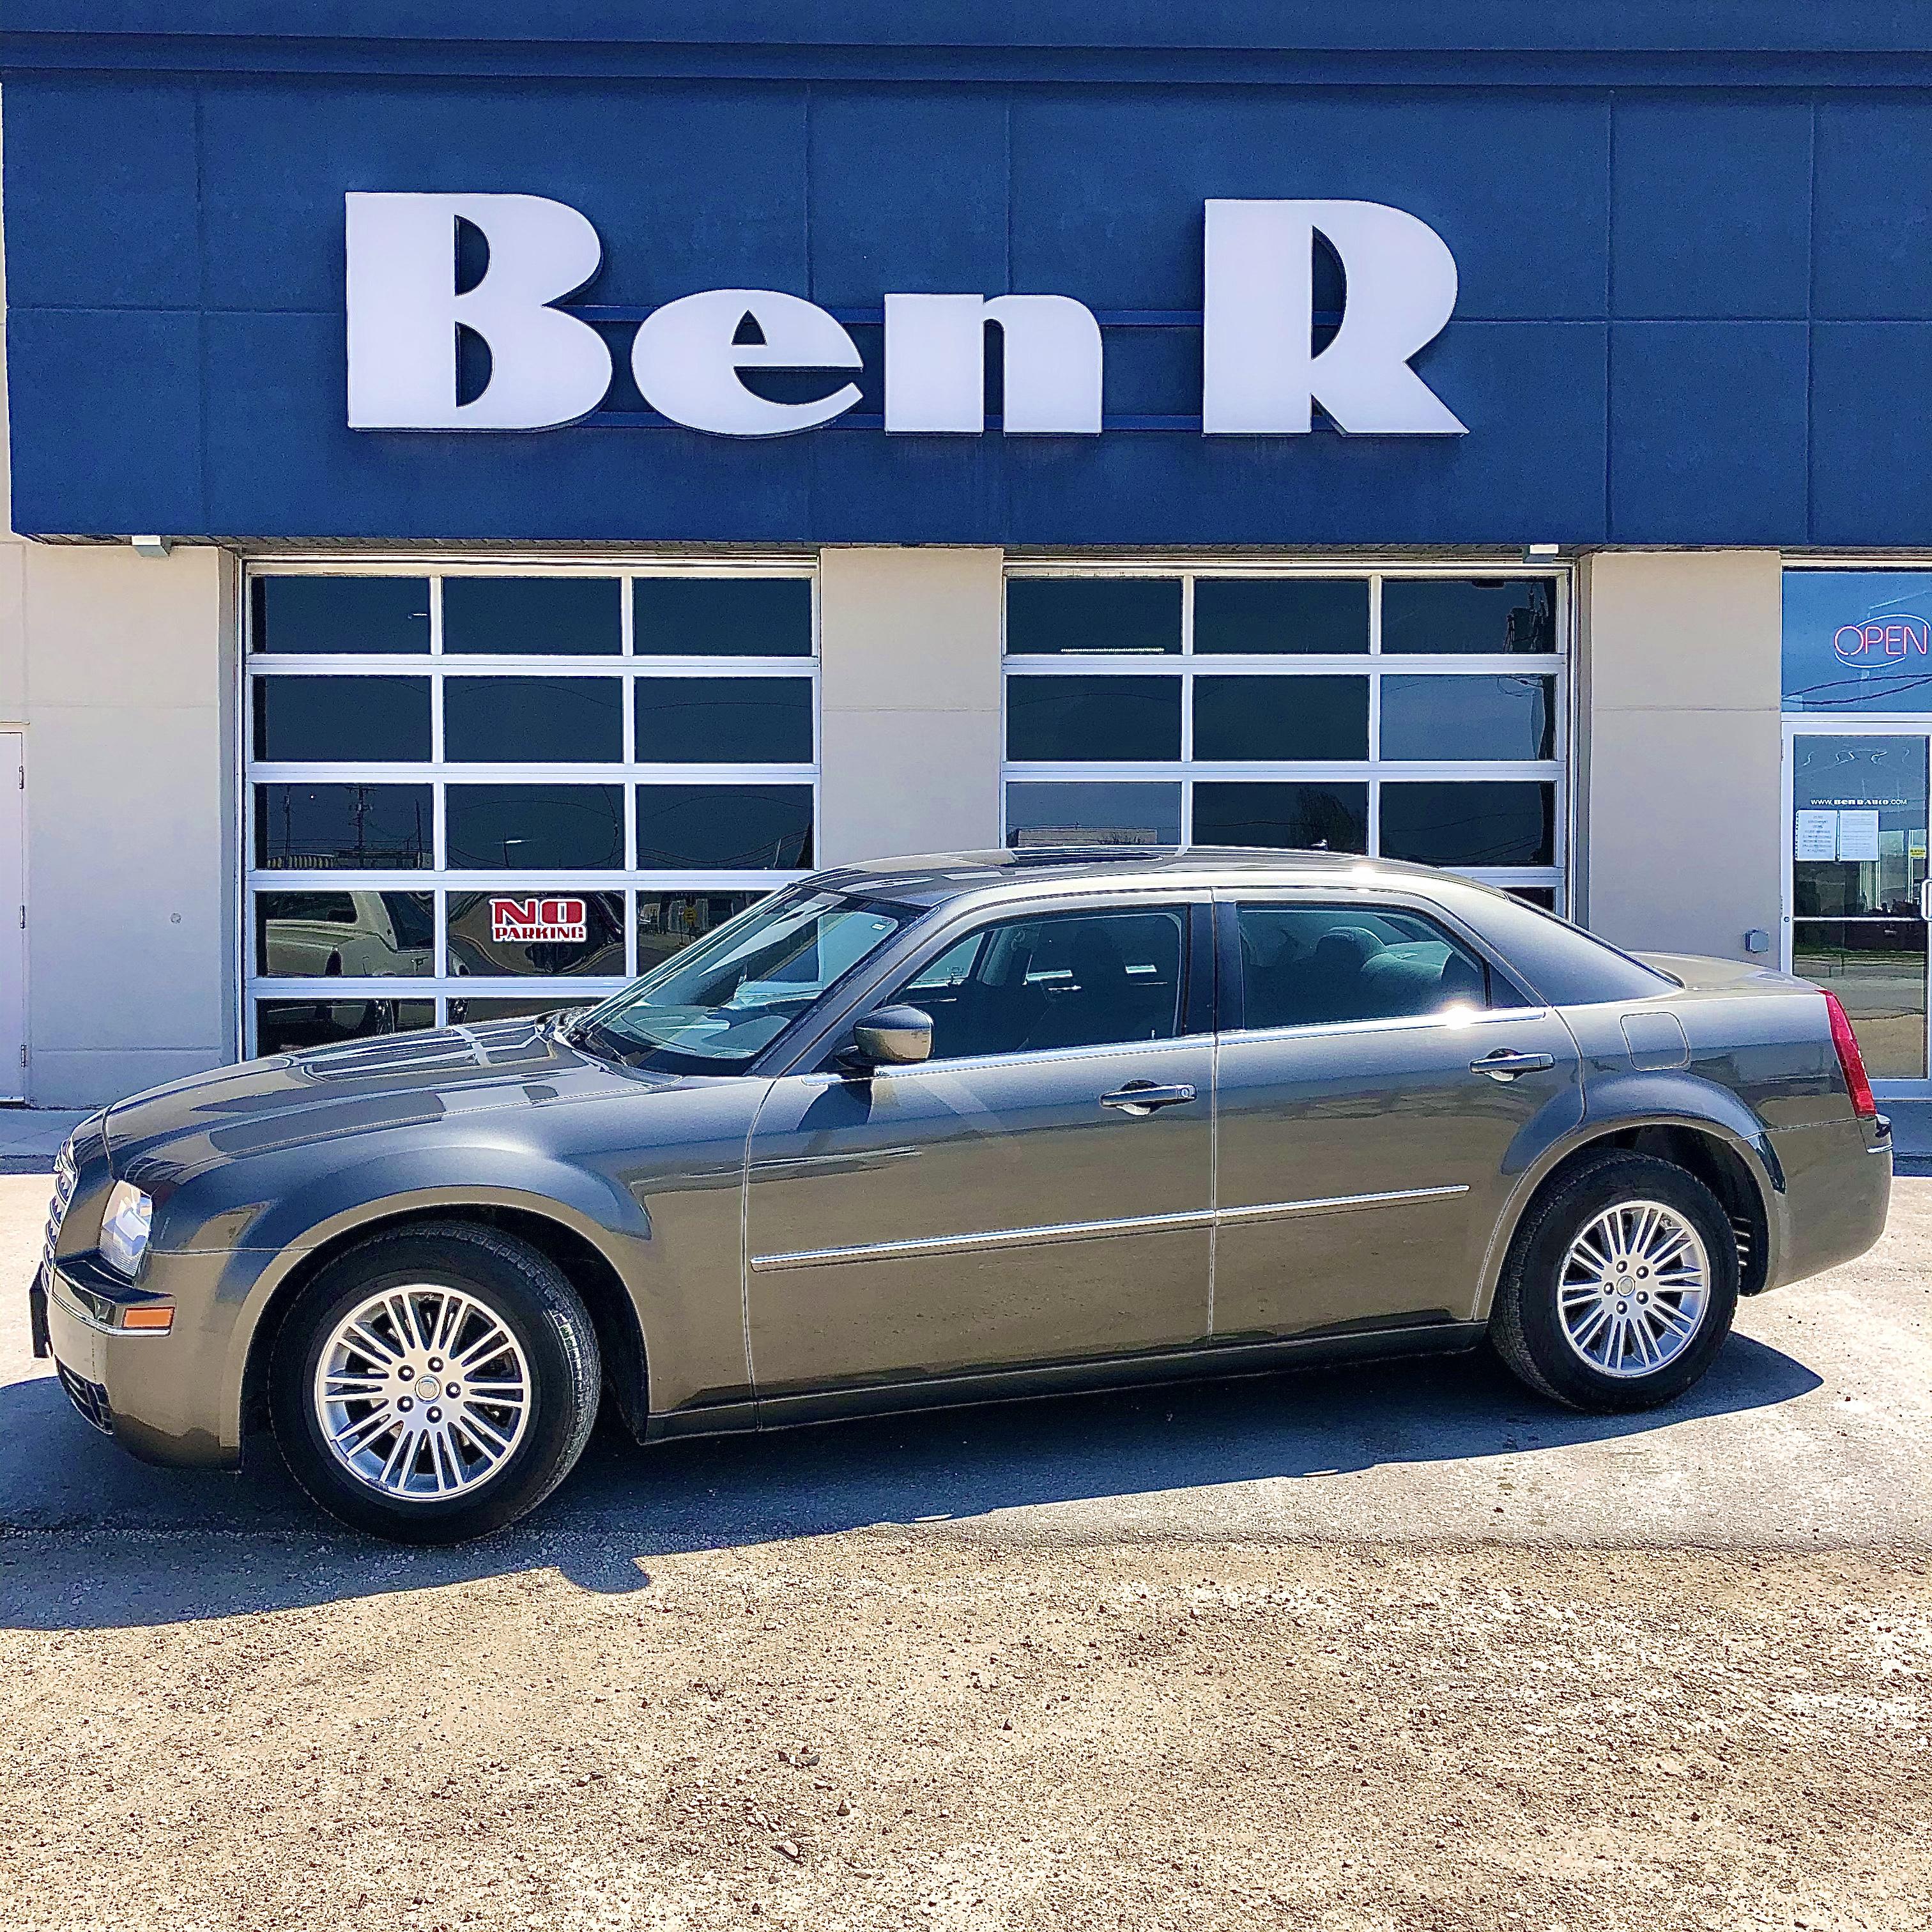 Ben R Auto Sales: Steinbach